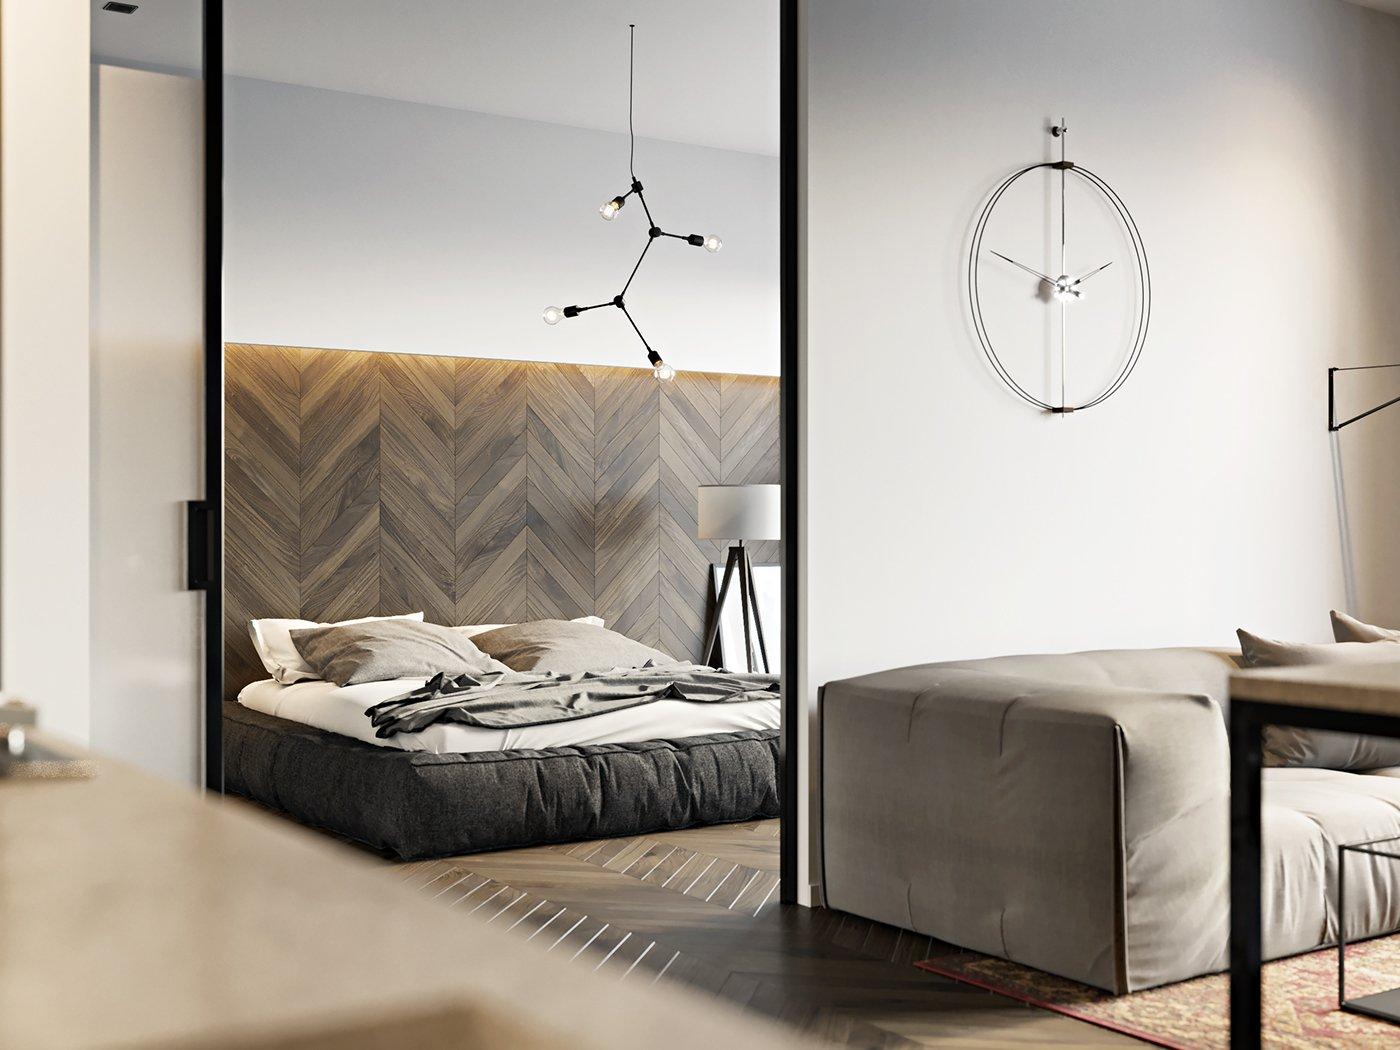 Idee Testiera Letto Matrimoniale 5 idee trendy per rinnovare la testiera del letto - tenditrendy